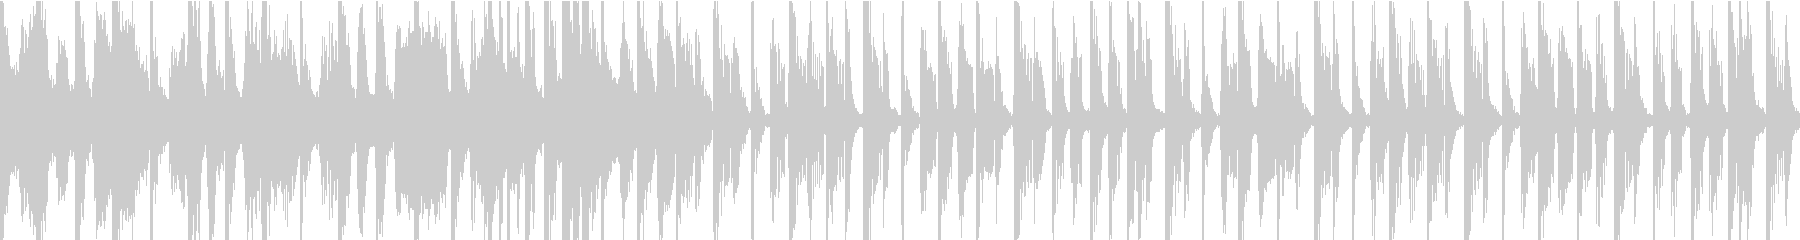 素敵なグルーヴのあるレゲエトラック...の未再生の波形